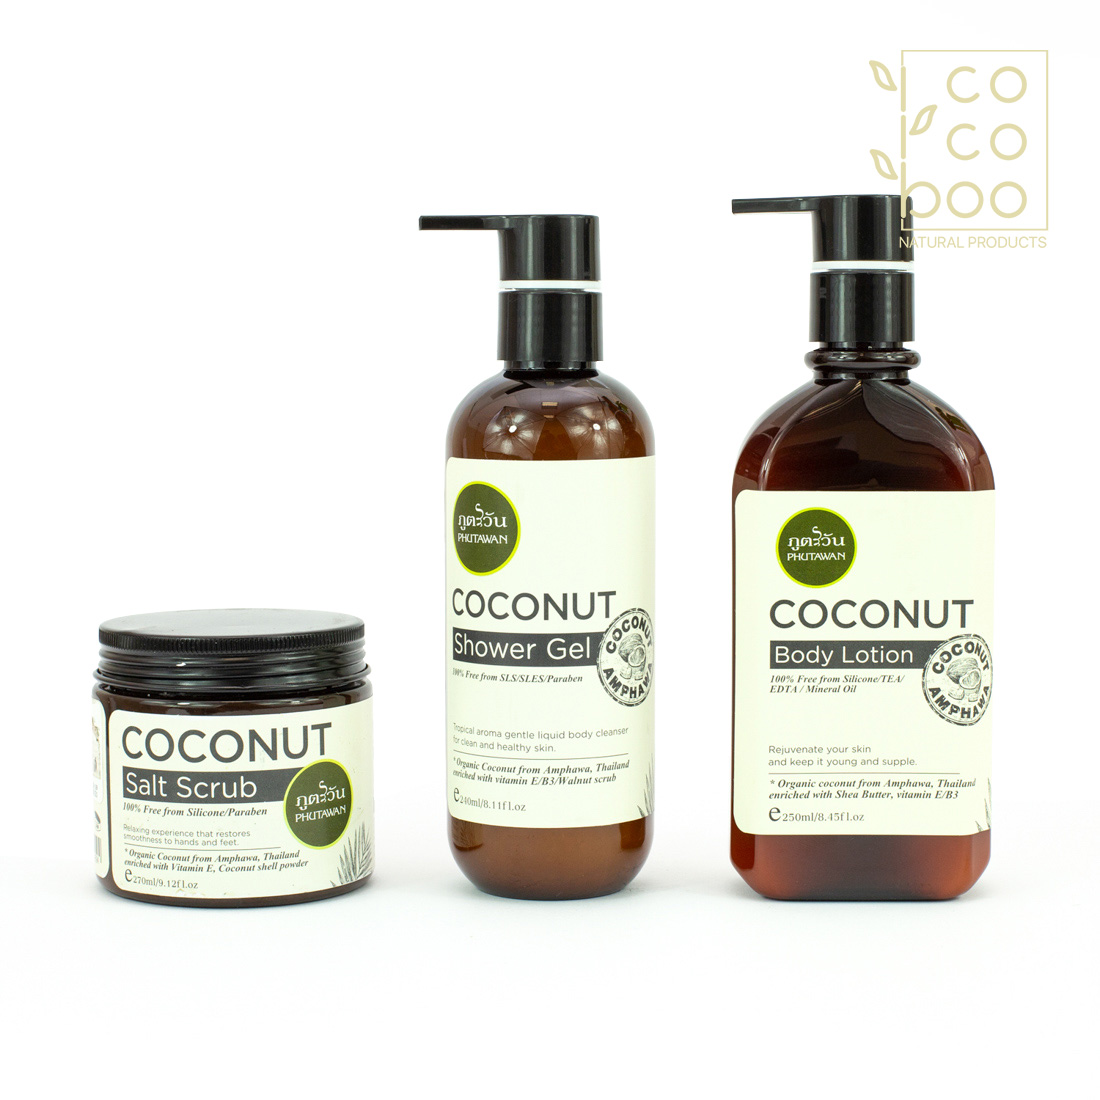 Луксозен натурален комплект с кокосов скраб, душ гел и лосион за тяло